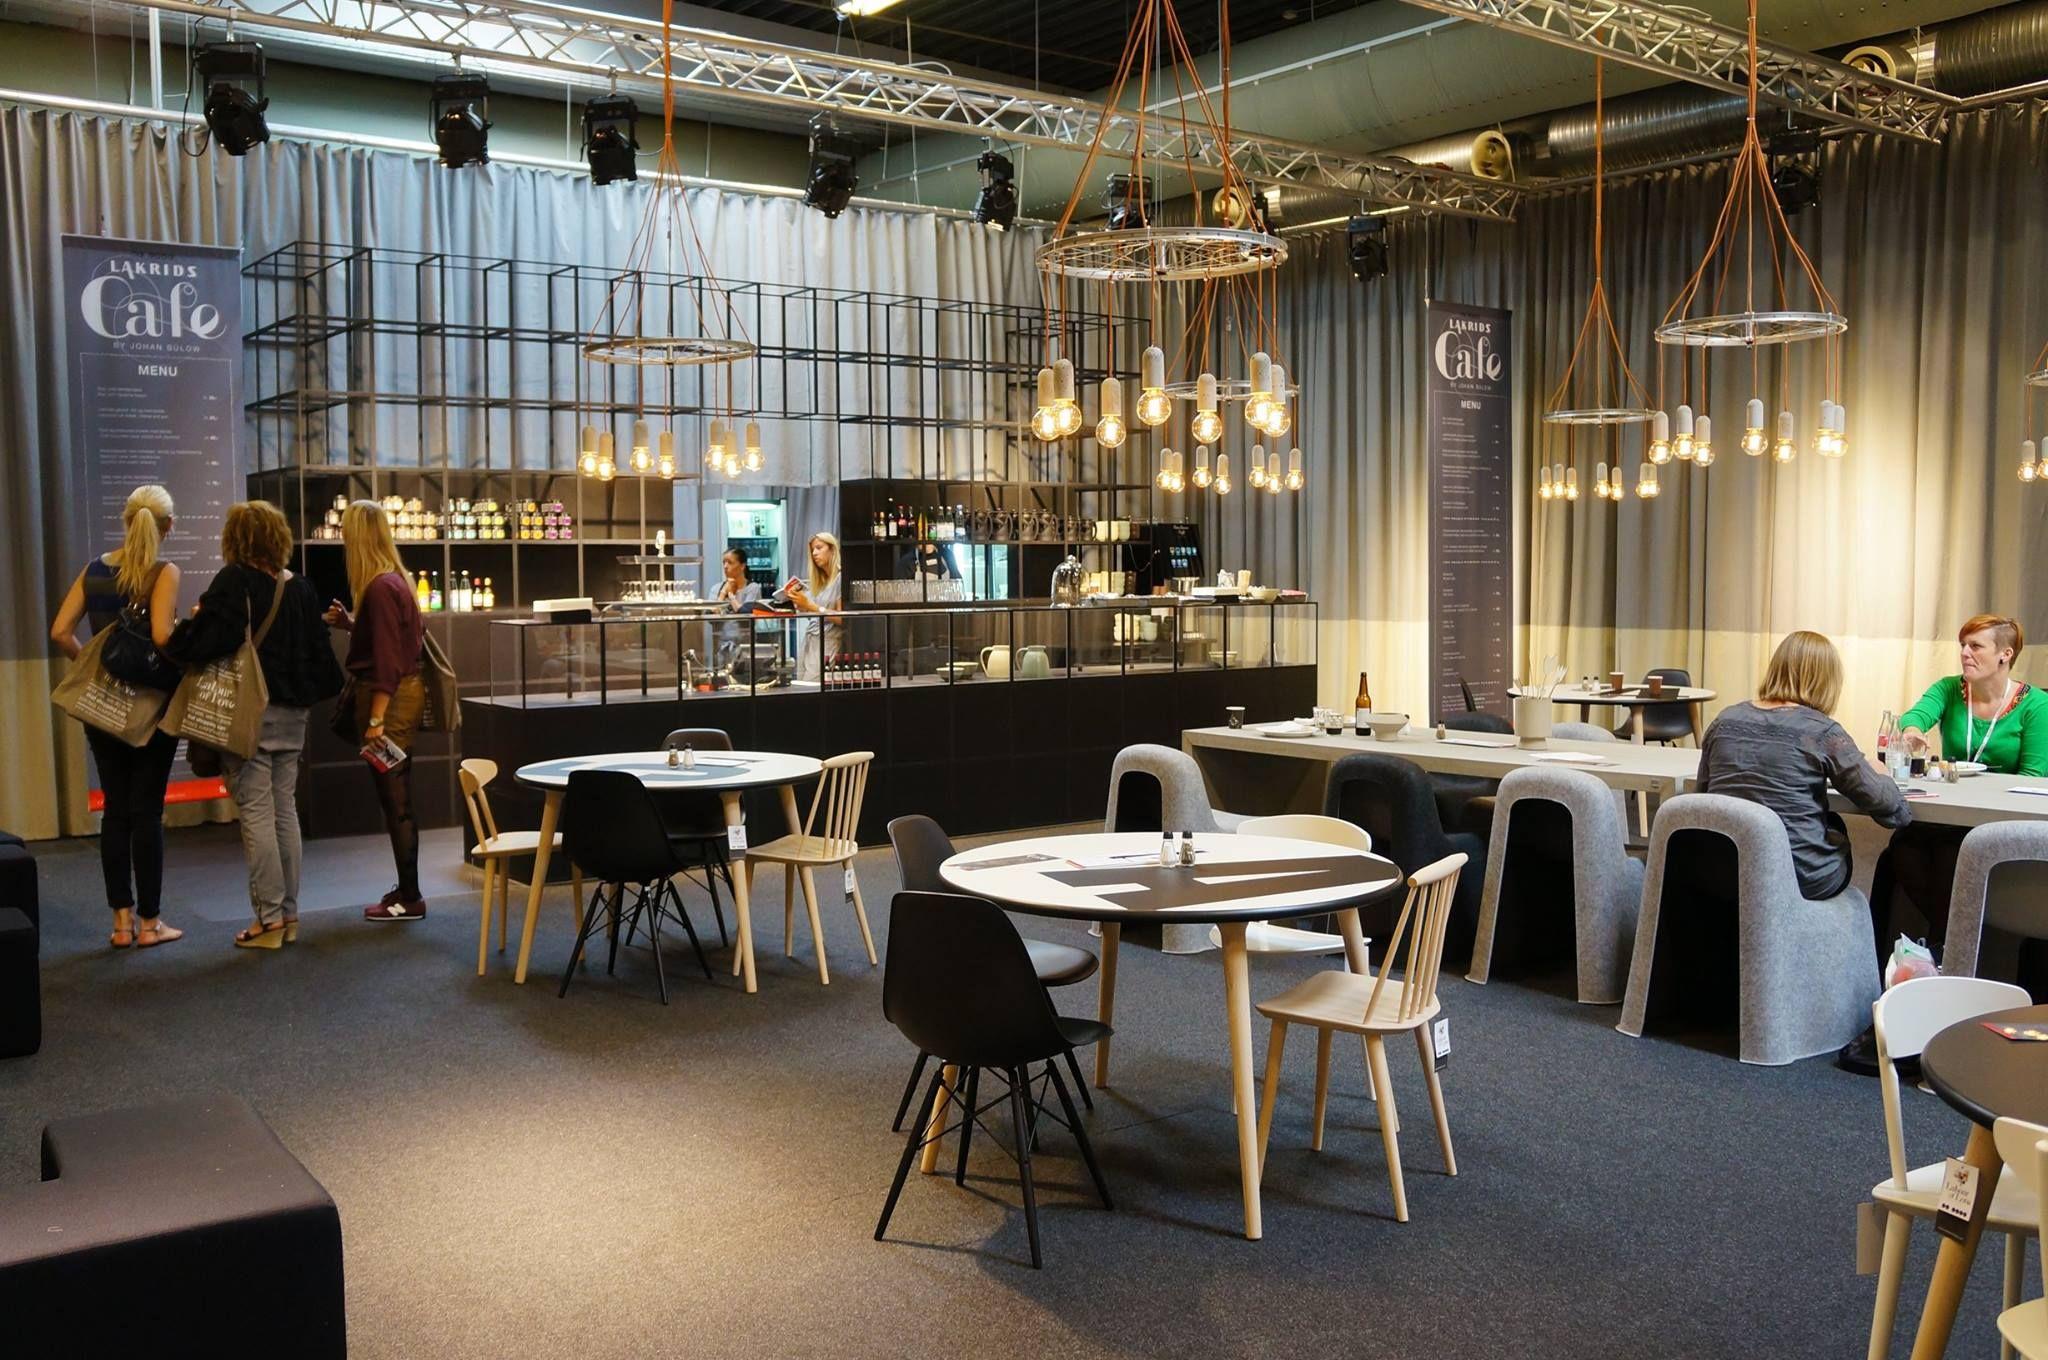 Lakrids Cafe